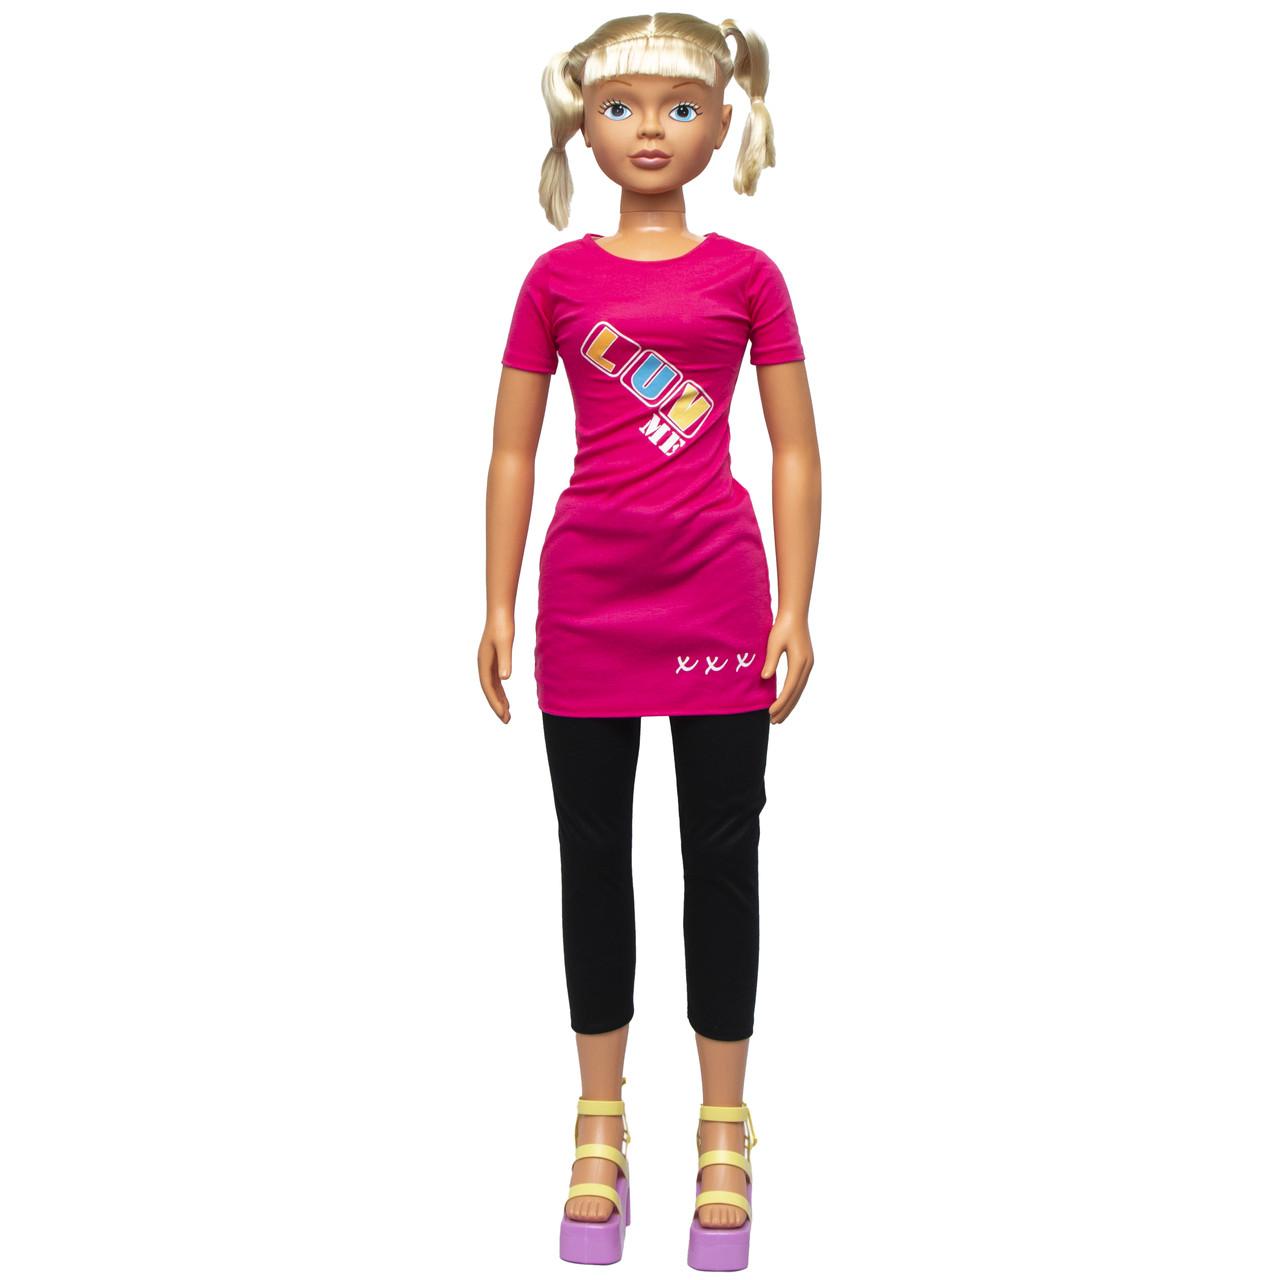 """Большая ходячая кукла """"Келли"""", 127 см, в черных лосинах и со светлыми волосами (sum950096)"""